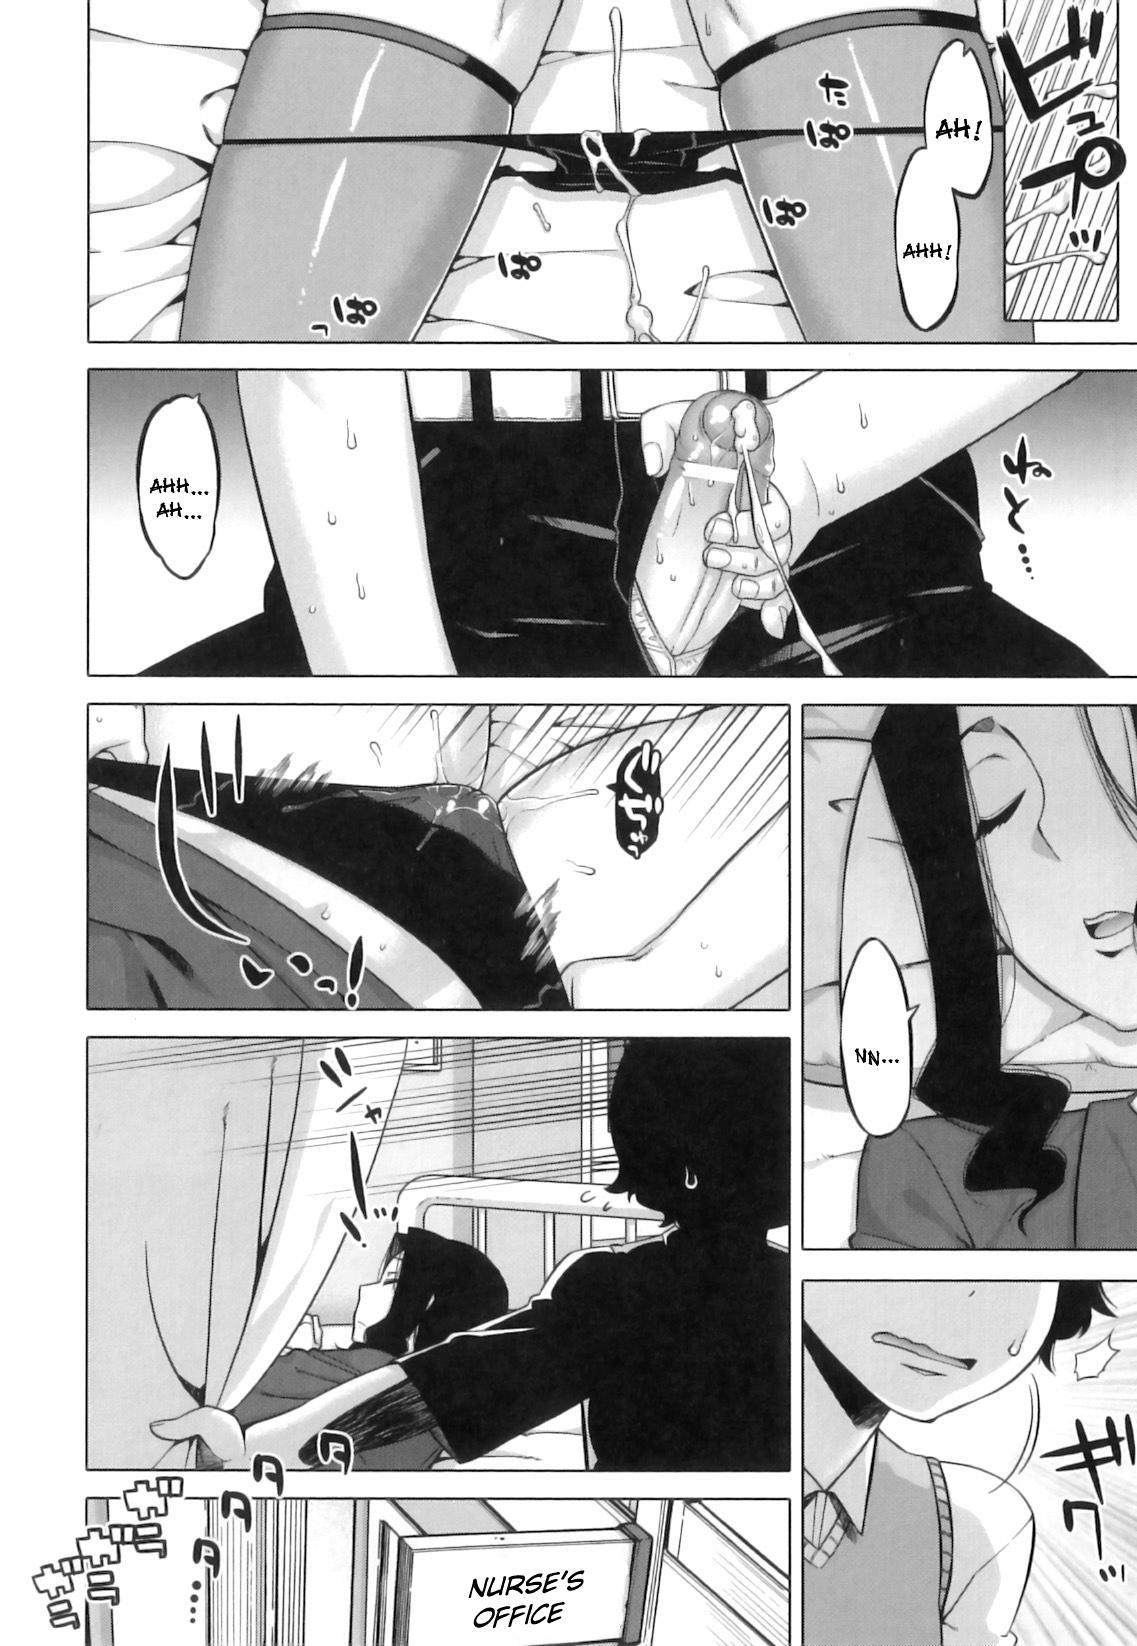 [Takatsu] DH! ~Himorogi Hyaku Yome Gatari~ | Demon-Hentai! - Shrine of One Hundred Wives [English] {doujin-moe.us} 190